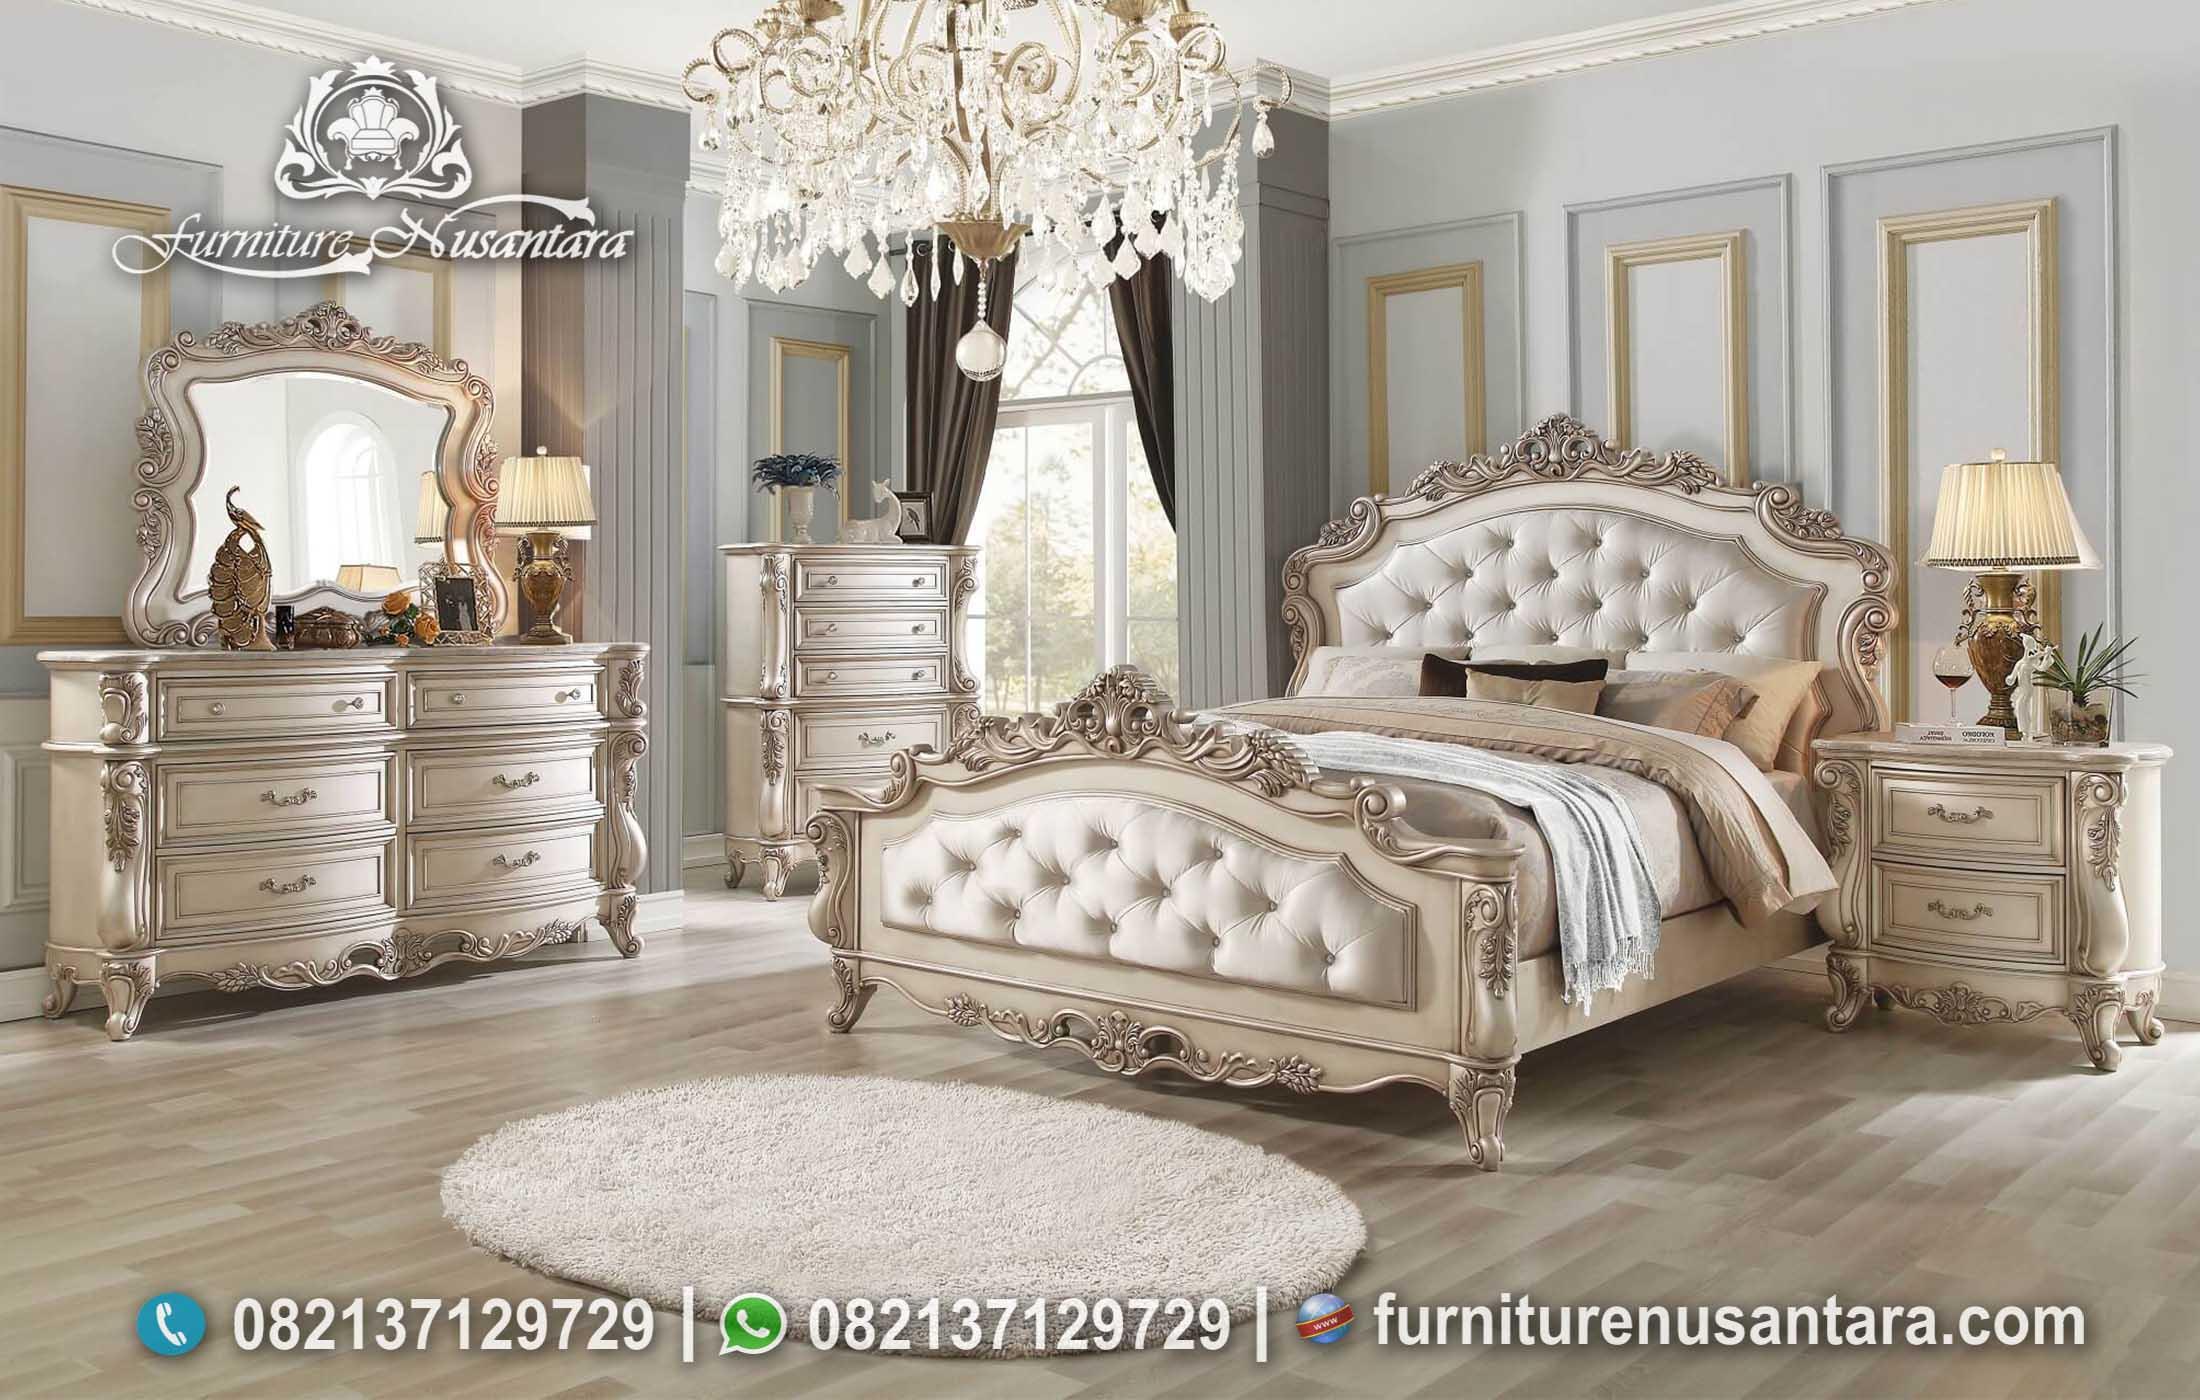 Bedroom Desain Klasik Ukir Jepara Simple KS-149, Furniture Nusantara